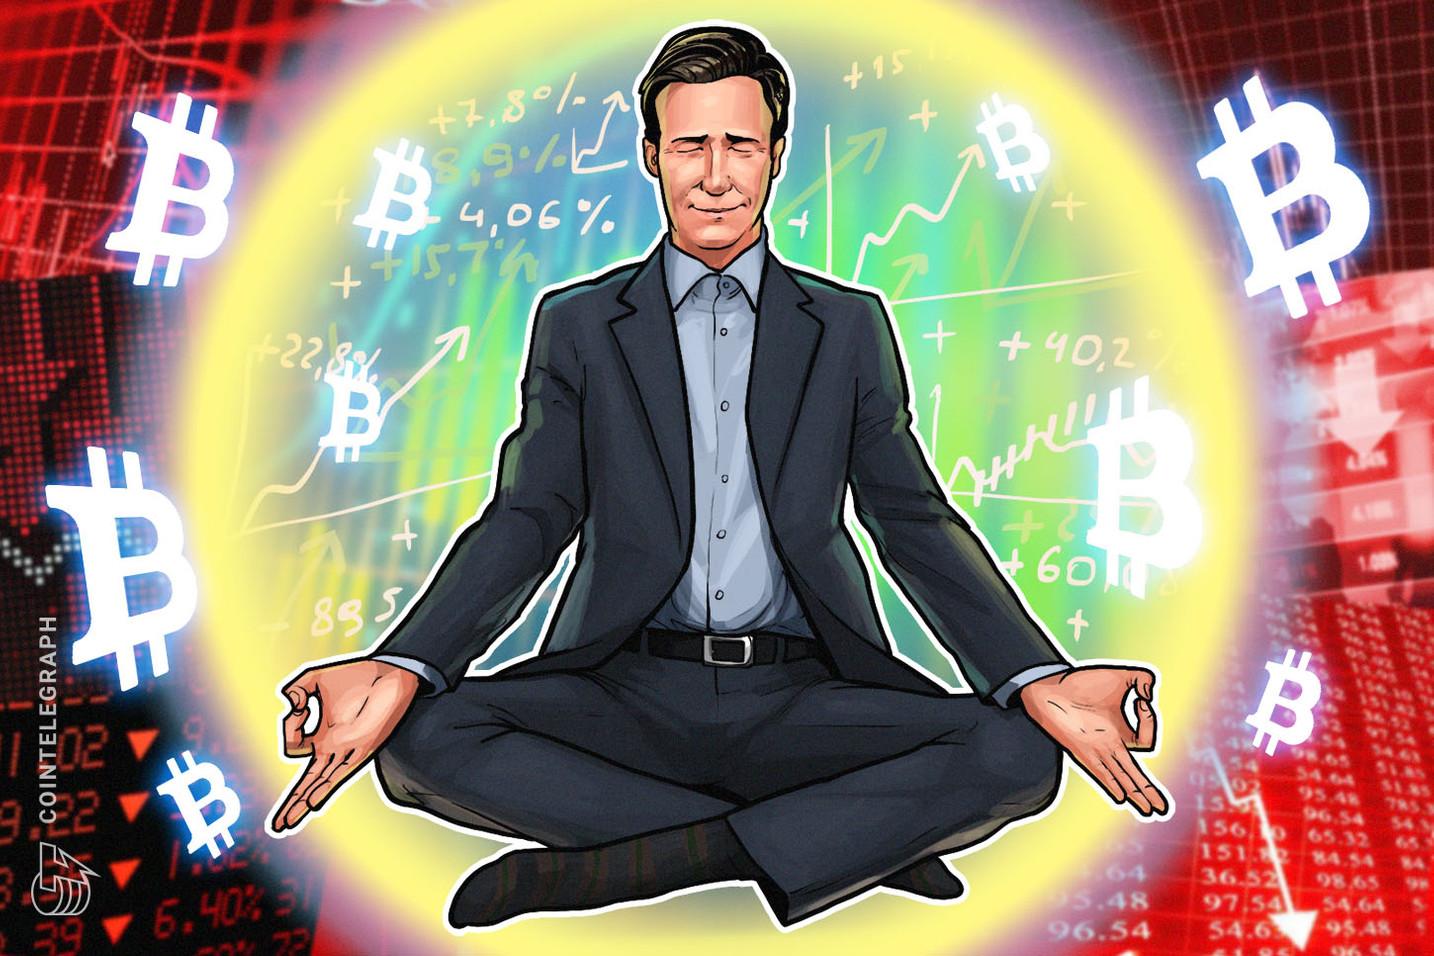 El precio de Bitcoin cae por debajo de USD 9.5K mientras una ballena deposita 600 BTC en BitMEX